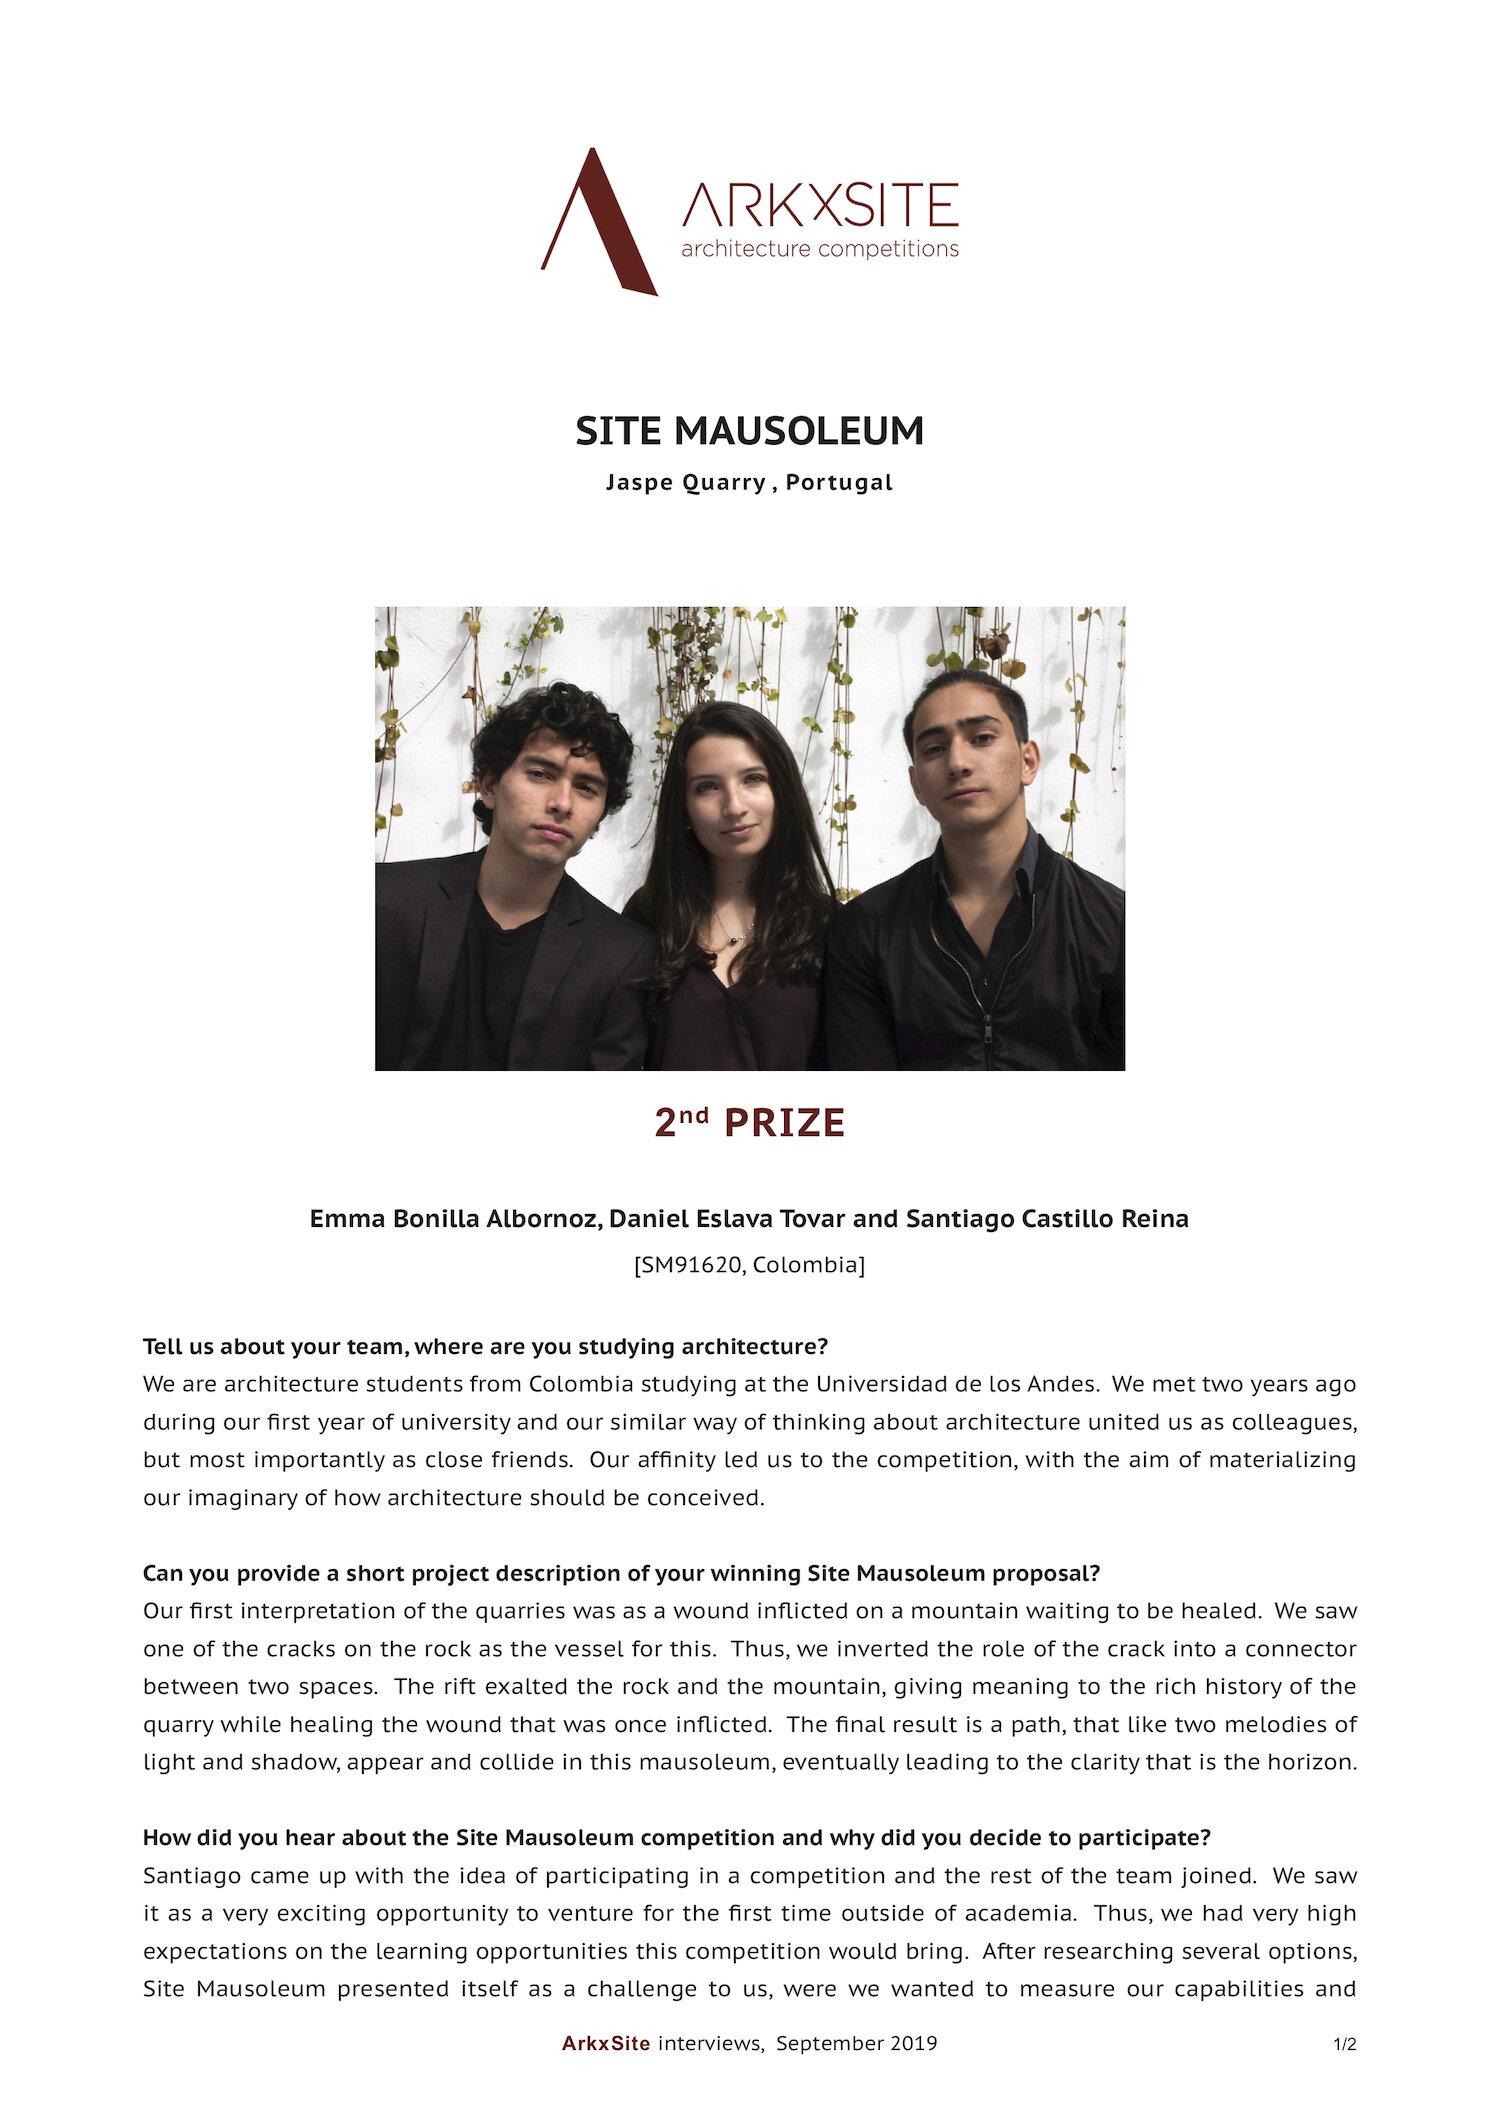 SiteMausoleum_2ndPrize_InterviewA.jpg